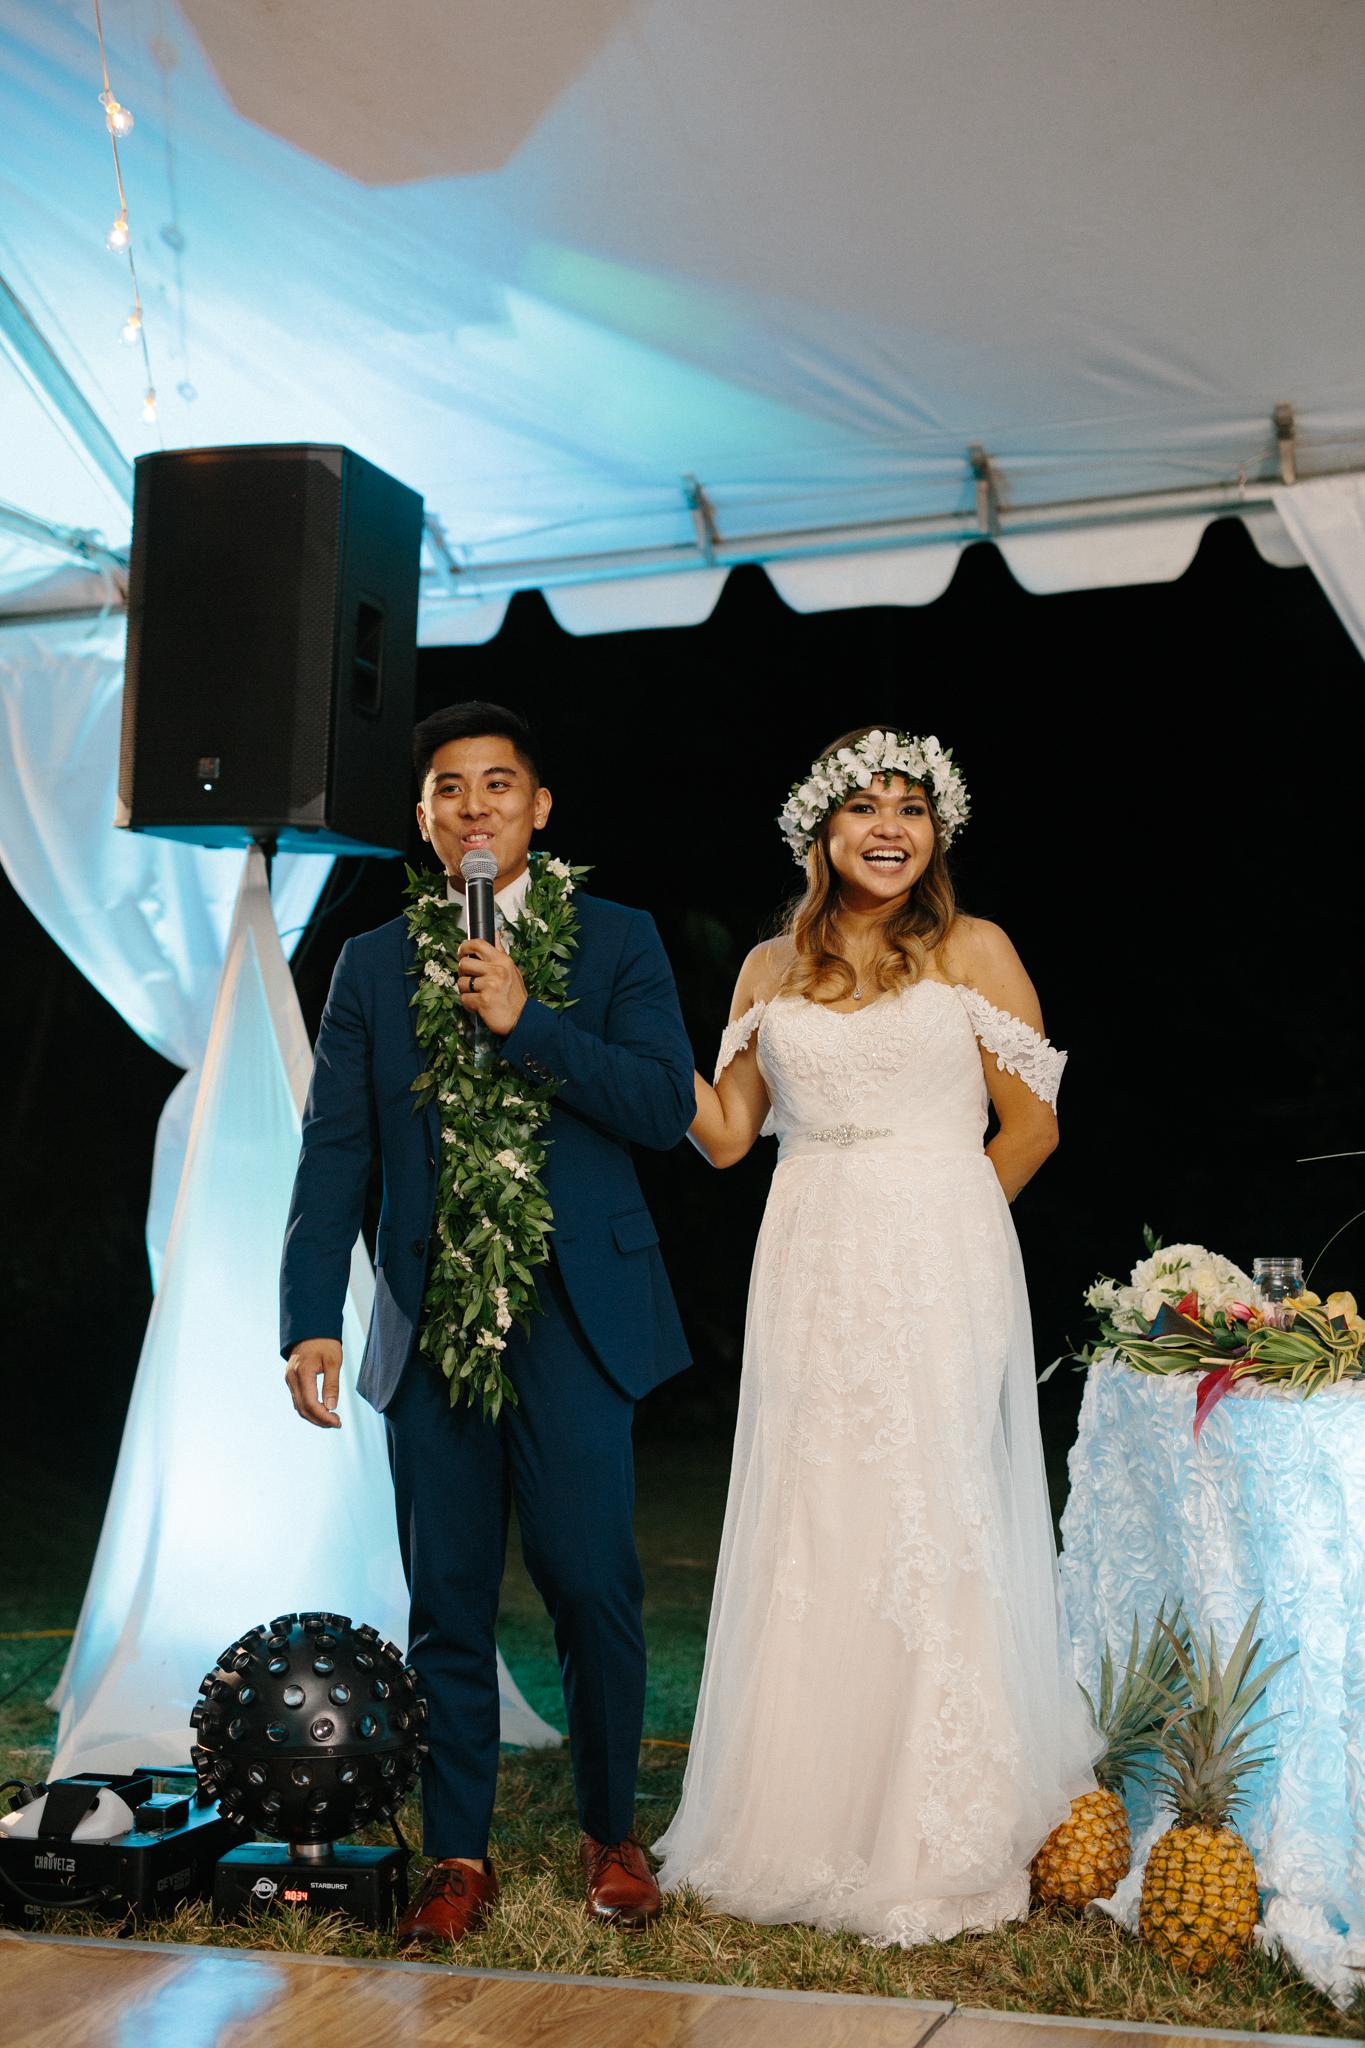 kualoa_ranch_wedding_photography_tone_hawaii-89.jpg